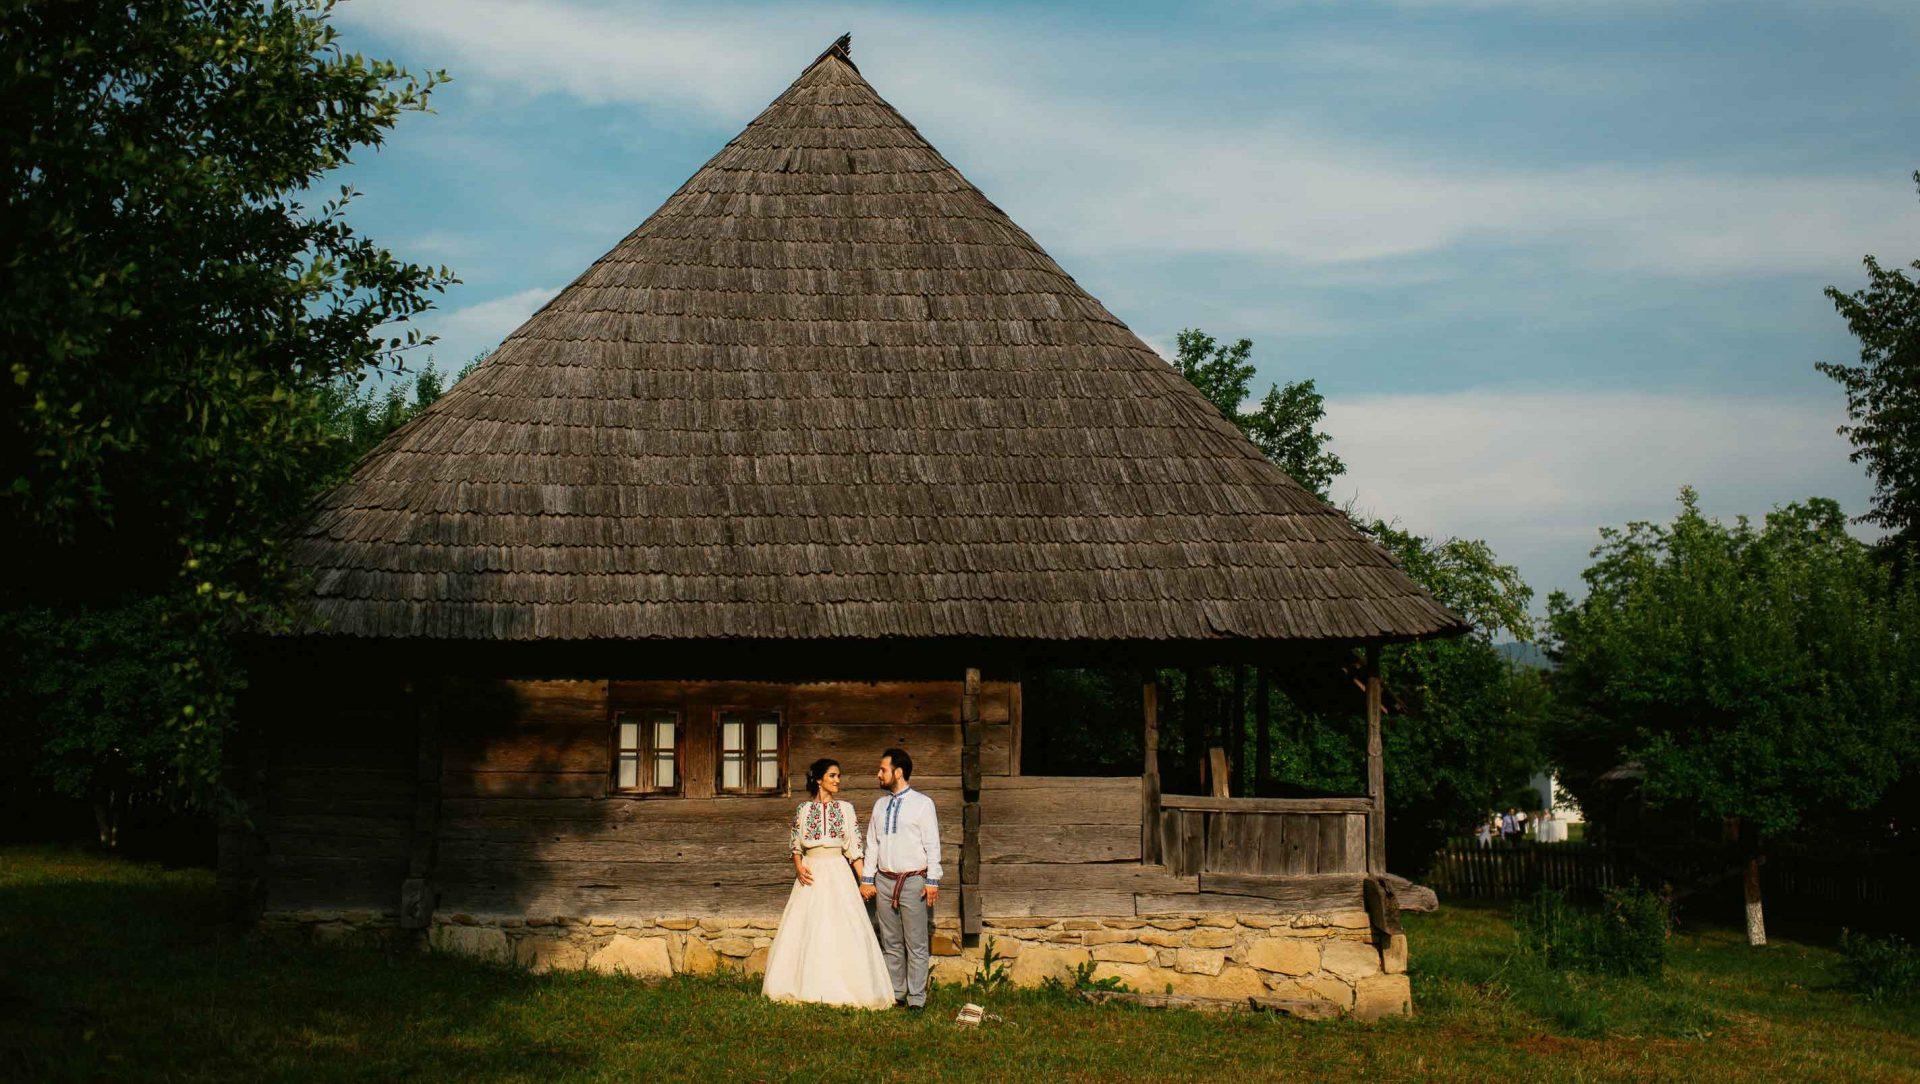 Opteaza pentru unul din traseele noastre sau propune-ne tu unul. Noi ne asigurăm că veți vizita cele mai importante puncte de atracție turistică din România și în final vă așteaptă nunta mult visată.